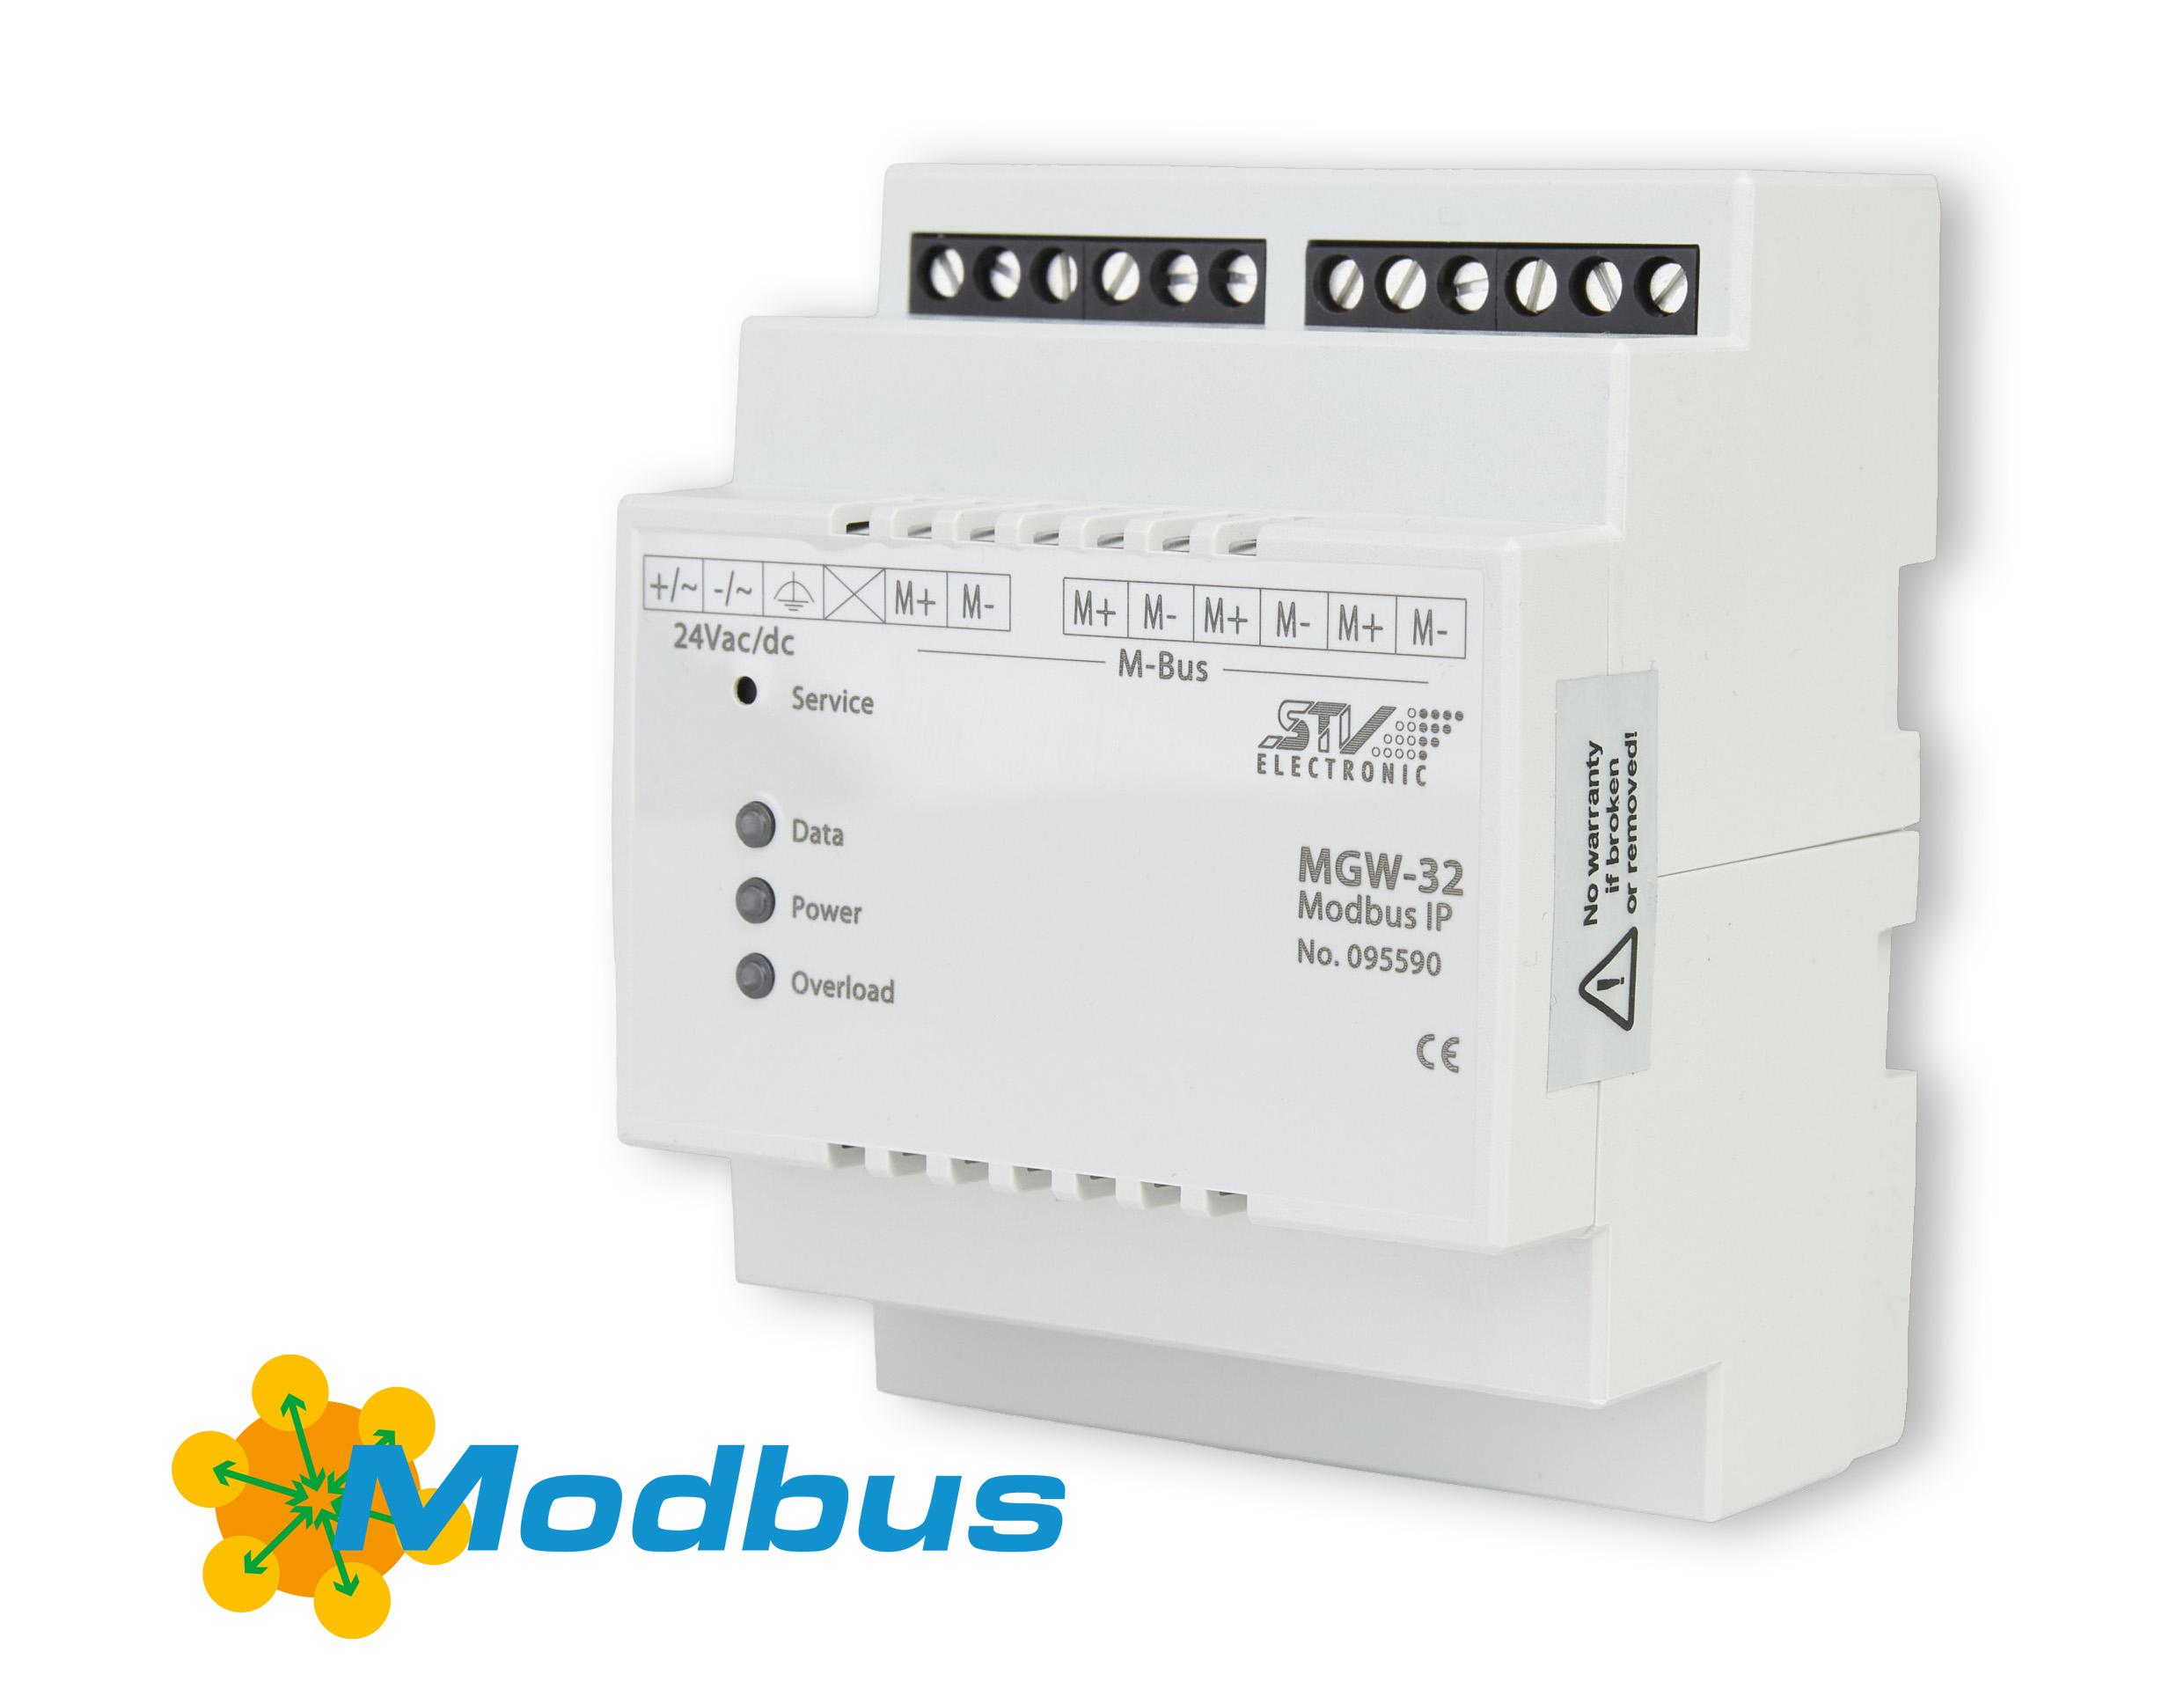 IoT-Schnittstelle für Modbus zu M-Bus Gateways